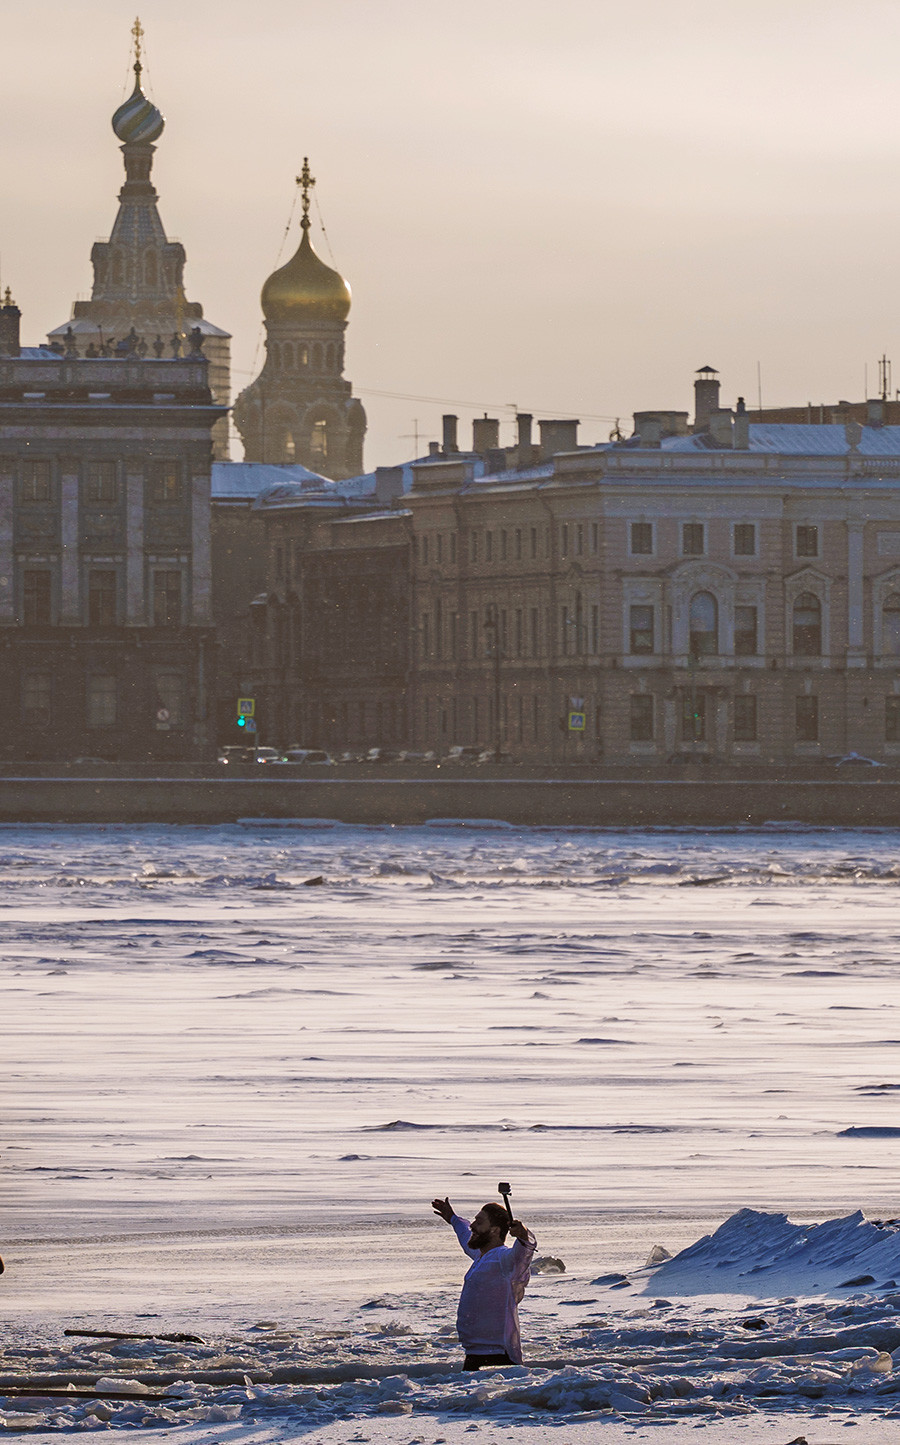 Un homme plonge dans l'eau au centre de Saint-Pétersbourg.